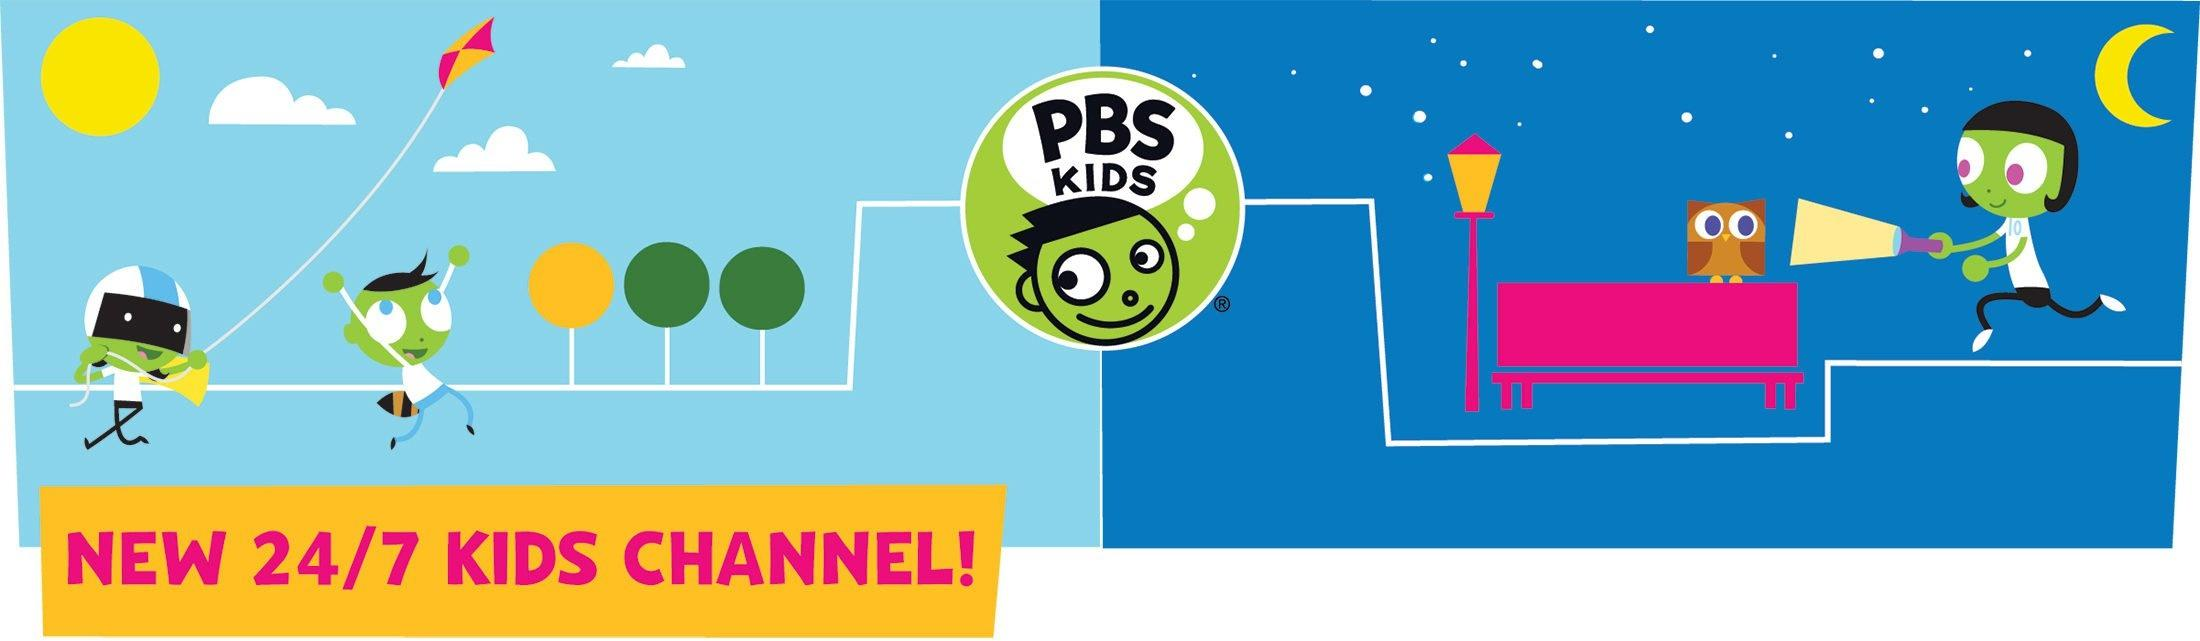 PBS KIDS 24/7 Channel header